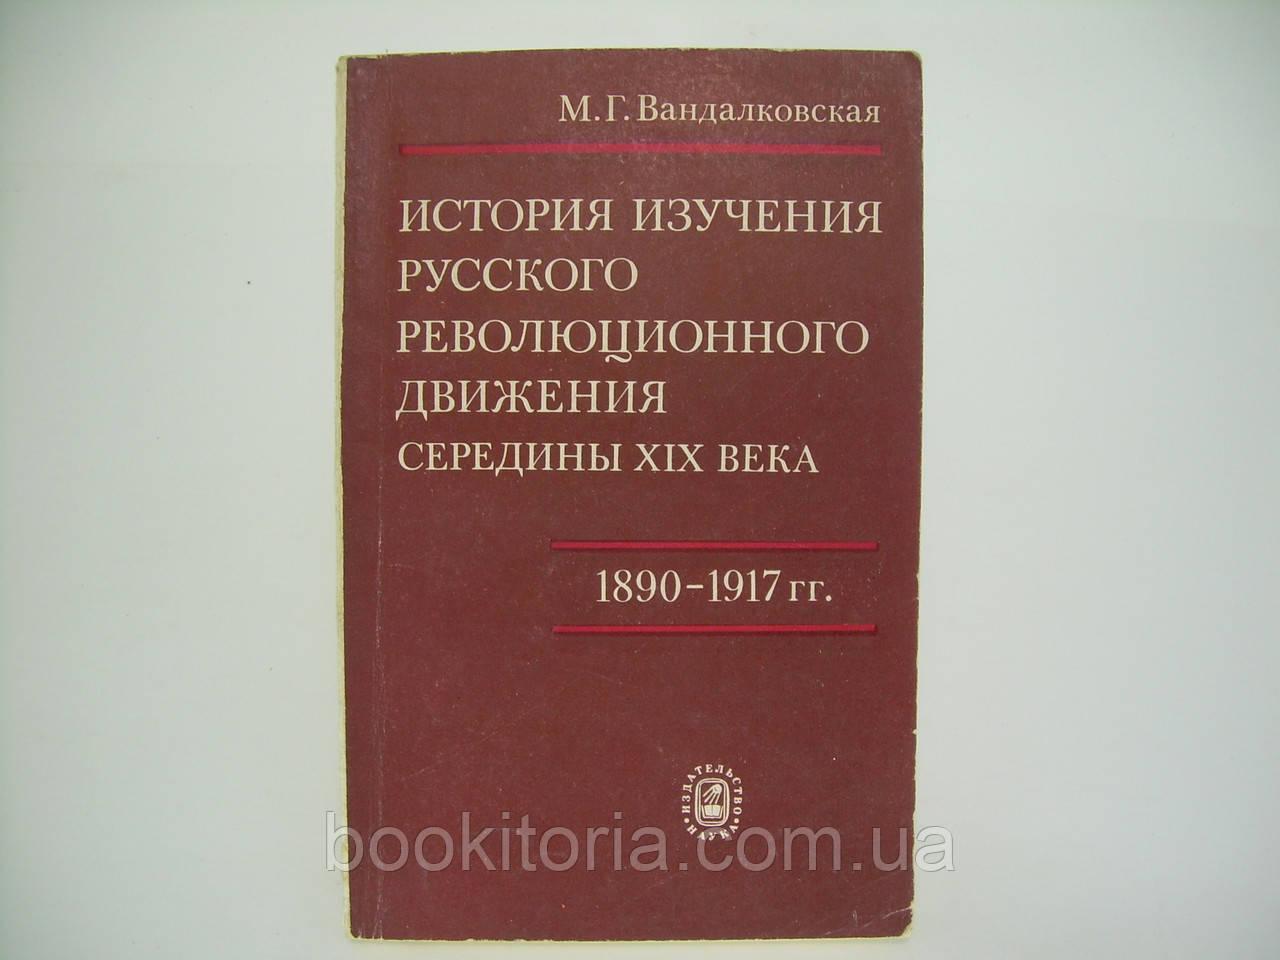 Вандалковская М.Г. История изучения русского революционного движения (б/у).